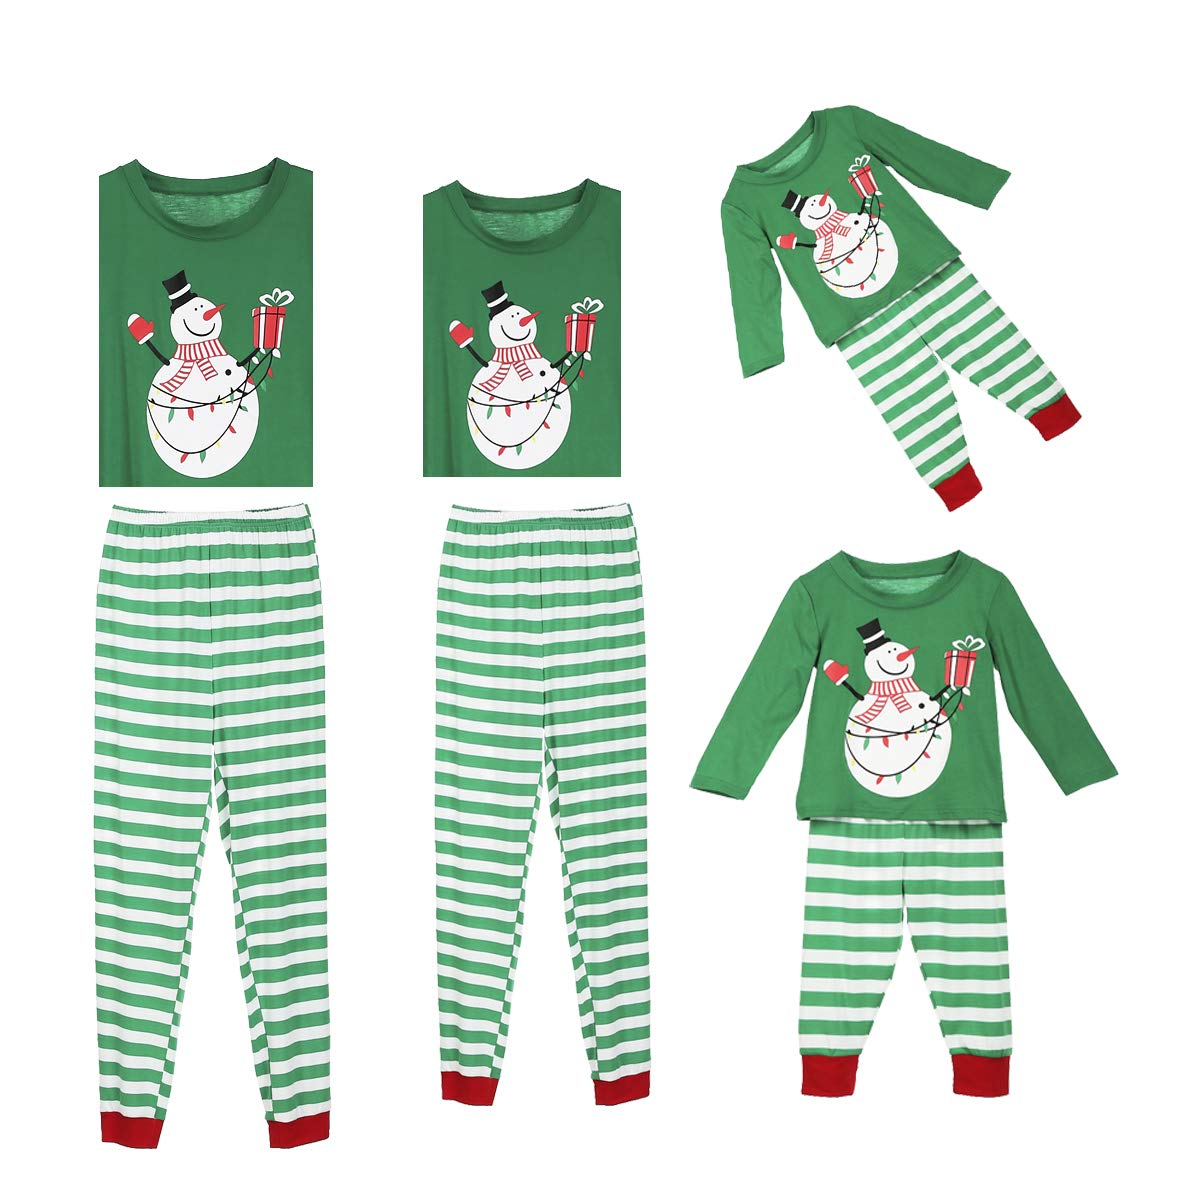 douleway Pyjama de Noël Famille, Vêtements de Nuit Costume Coton à Manches Courtes Chemises + Pantalons Longs Sweat Hiver Sweat de Noël Printemps pour Hommes Femmes Enfants Christmas family matching